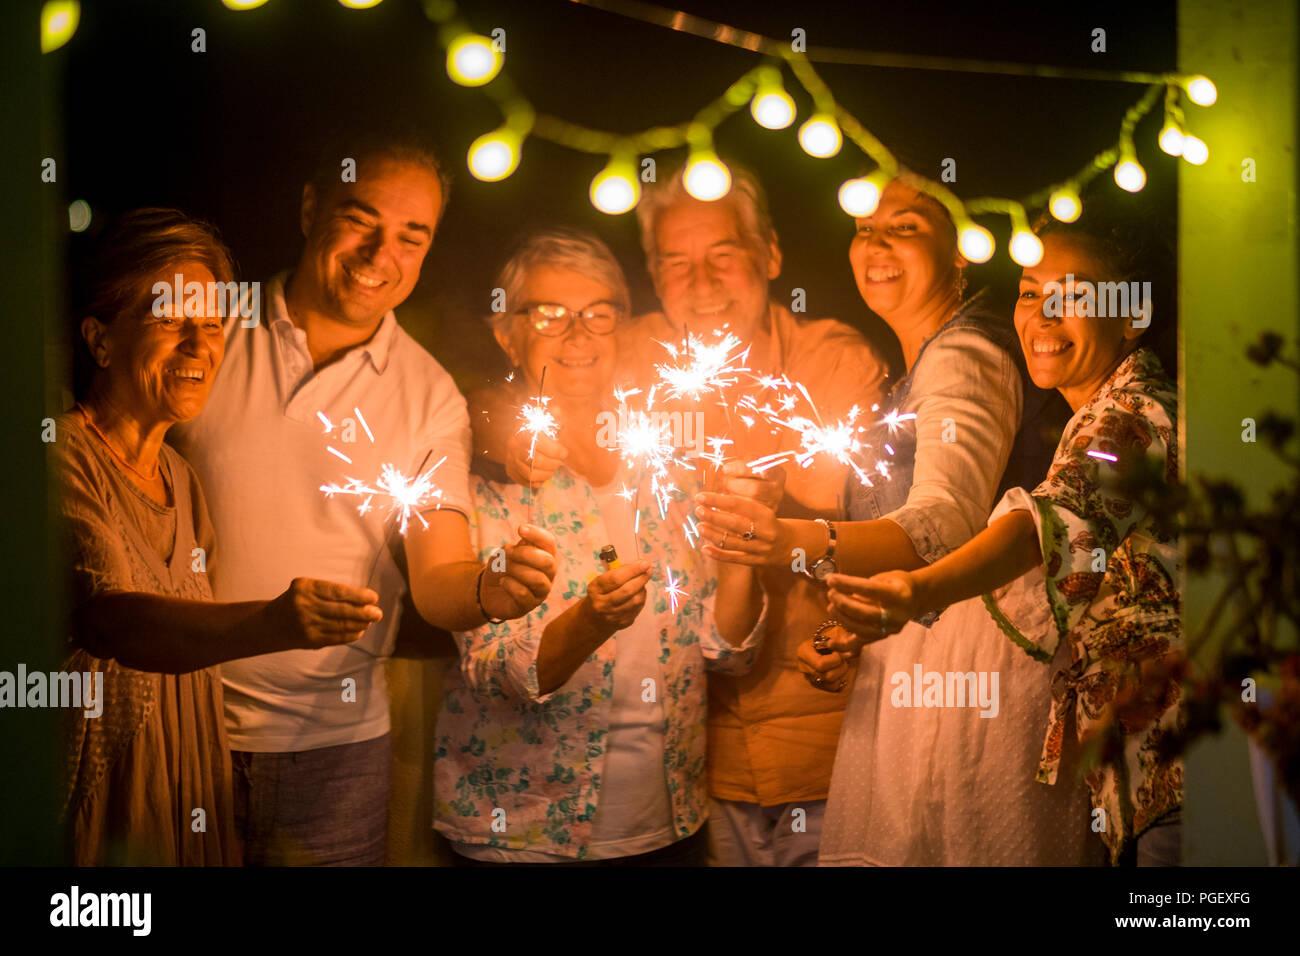 Grupo de personas celebrar un evento como nochevieja o cumpleaños, todo junto con destellos de luz por la noche en la oscuridad. Sonríe y divertirse en los frie Imagen De Stock